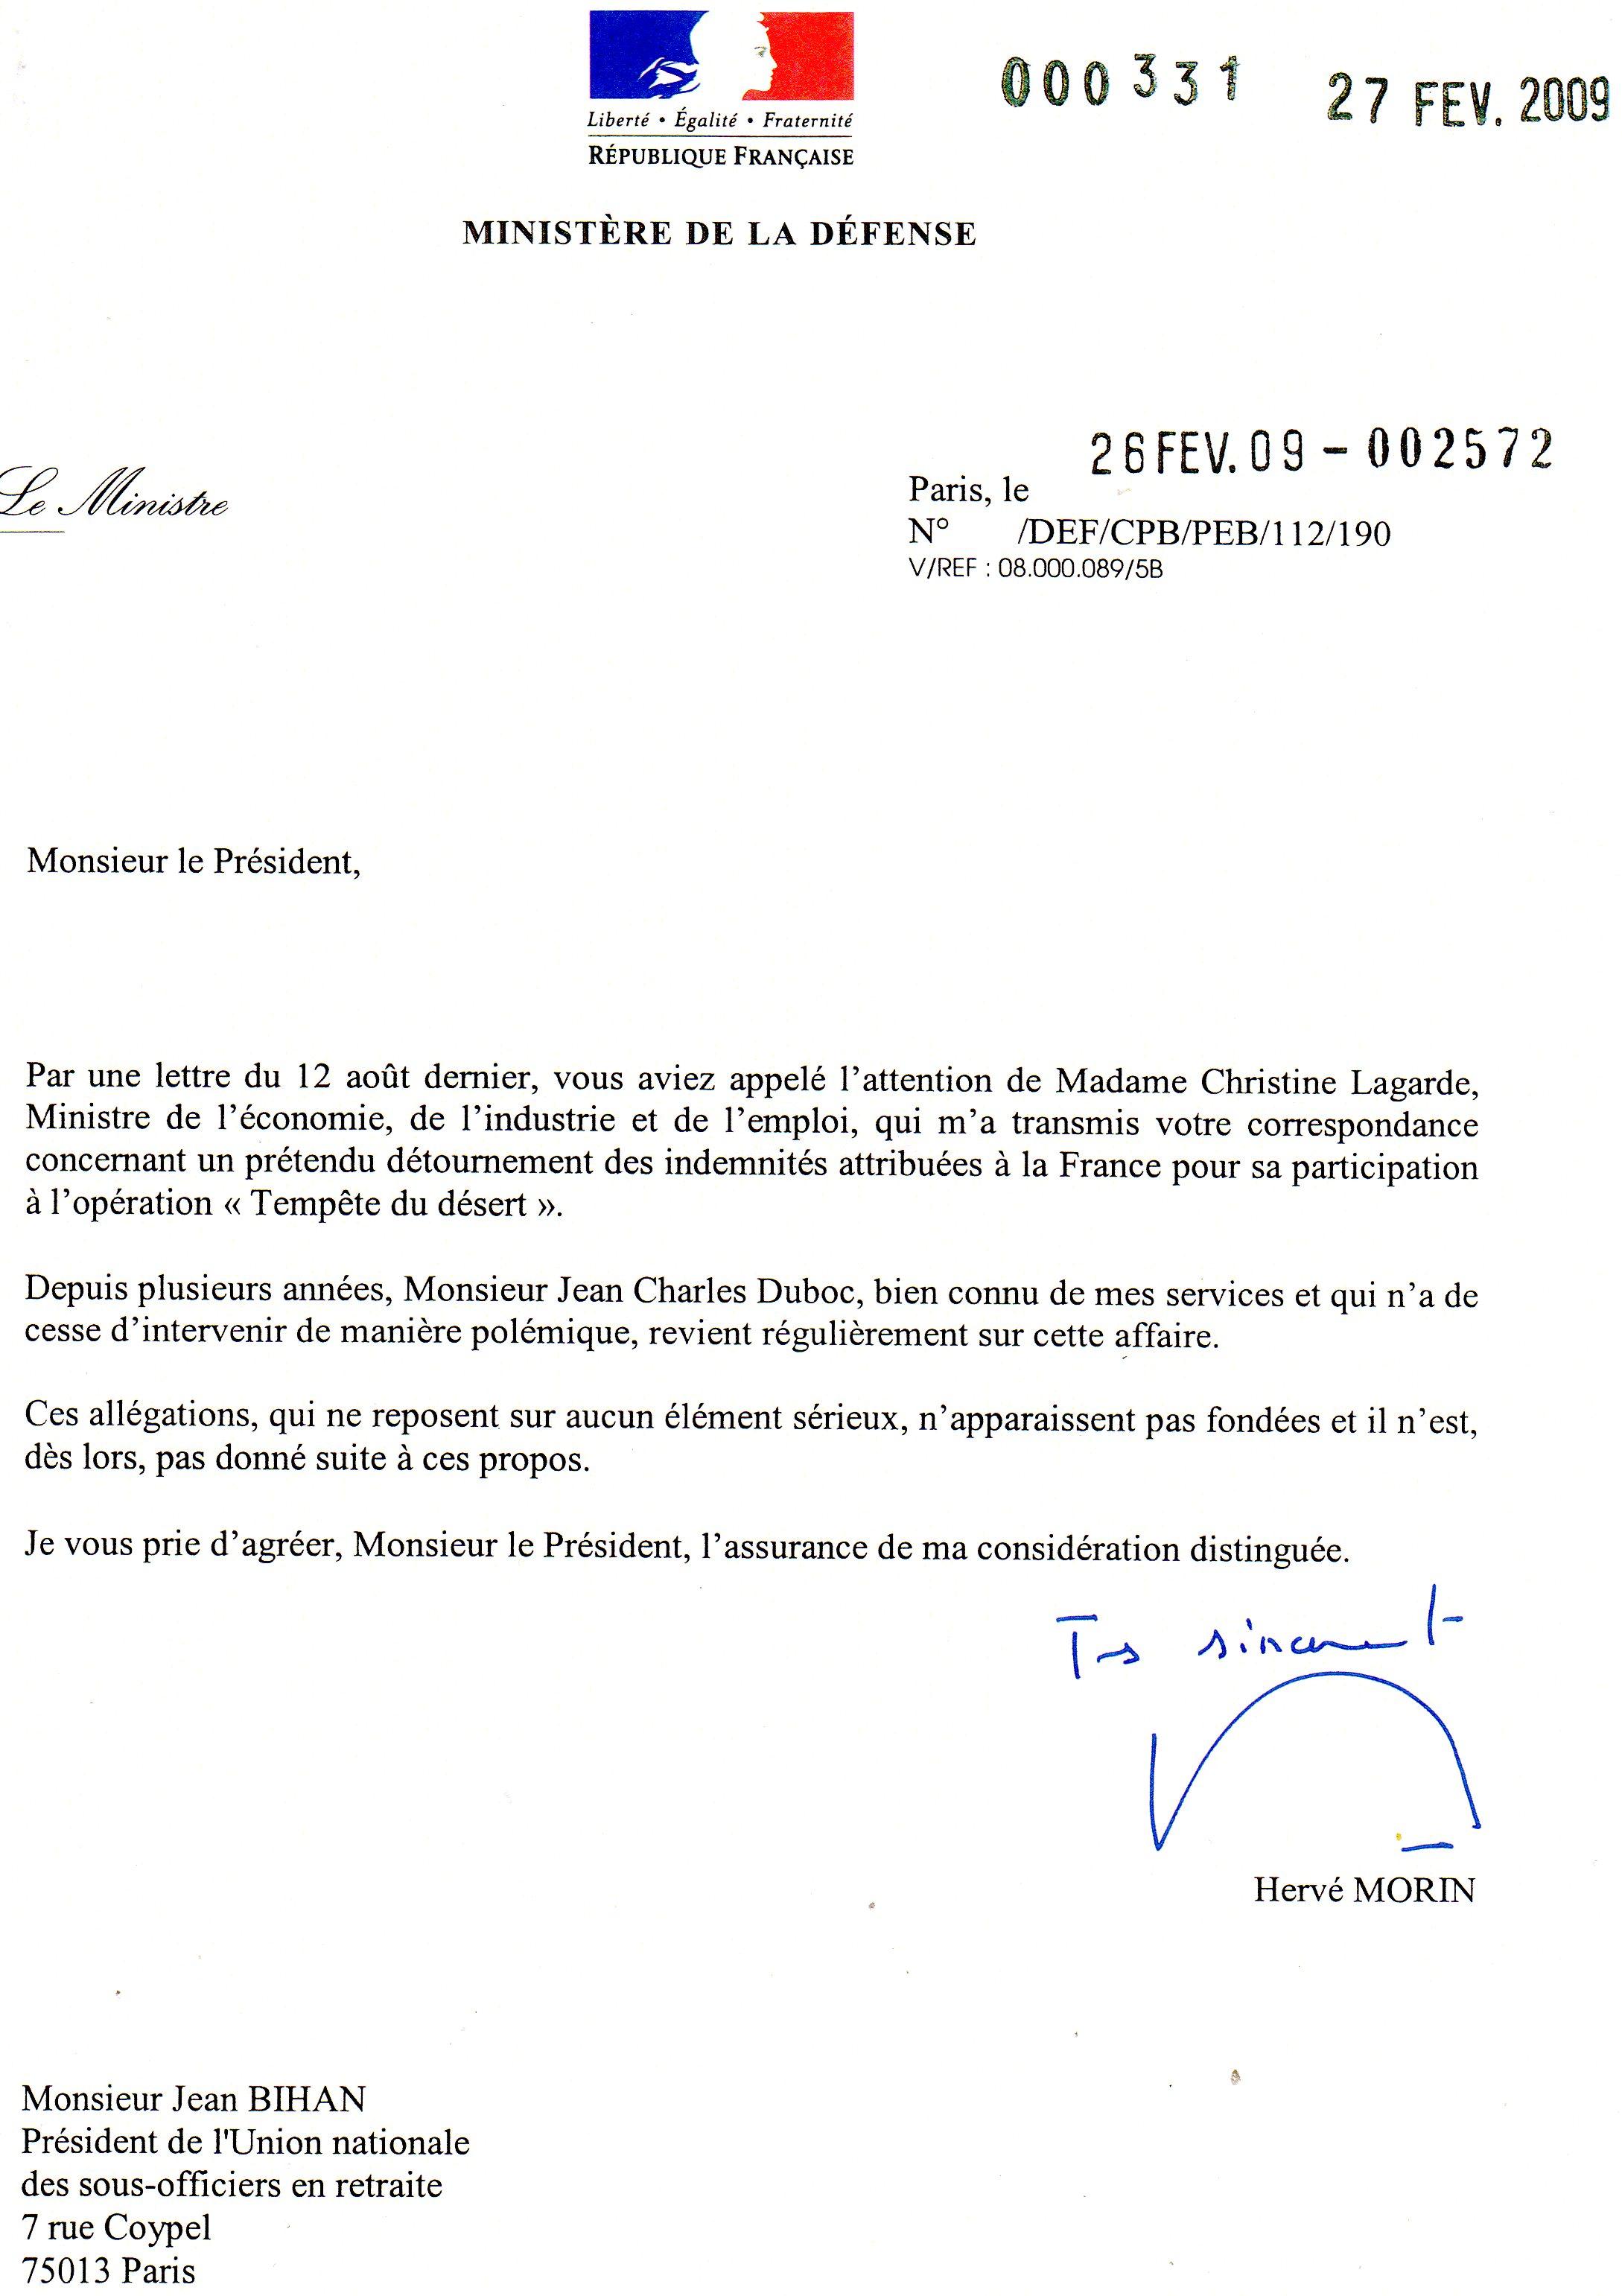 Modele lettre militaire nouvelle affectation document online - Porter plainte aupres du procureur de la republique ...